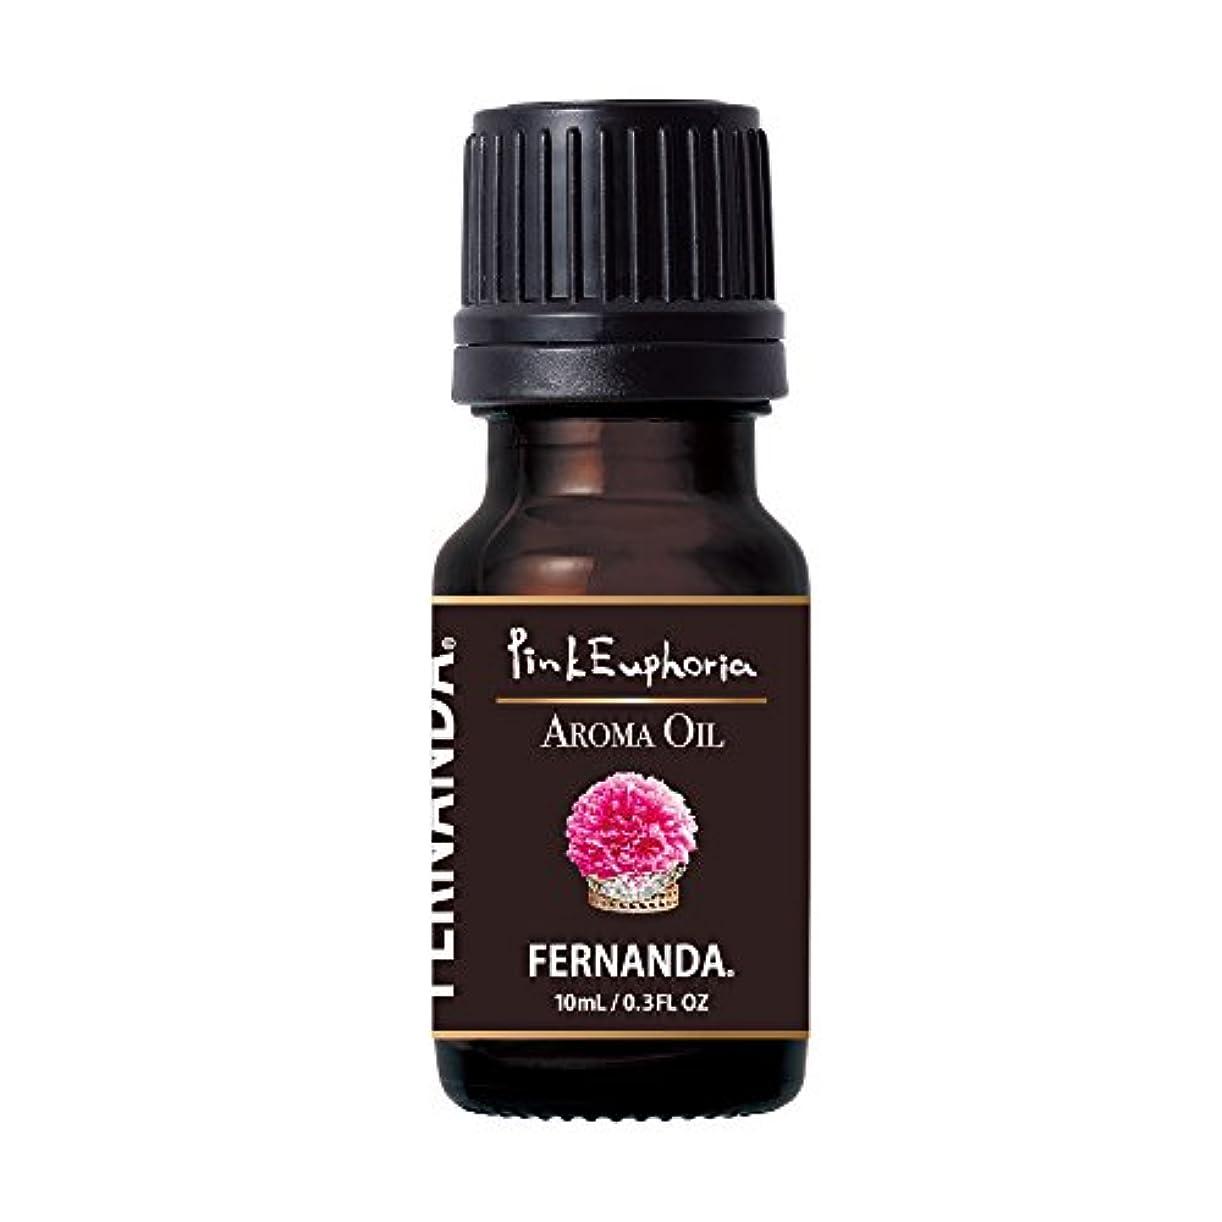 ラフ睡眠非行次へFERNANDA(フェルナンダ) Fragrance Aroma Oil Pink Euphoria (アロマオイル ピンクエウフォリア)